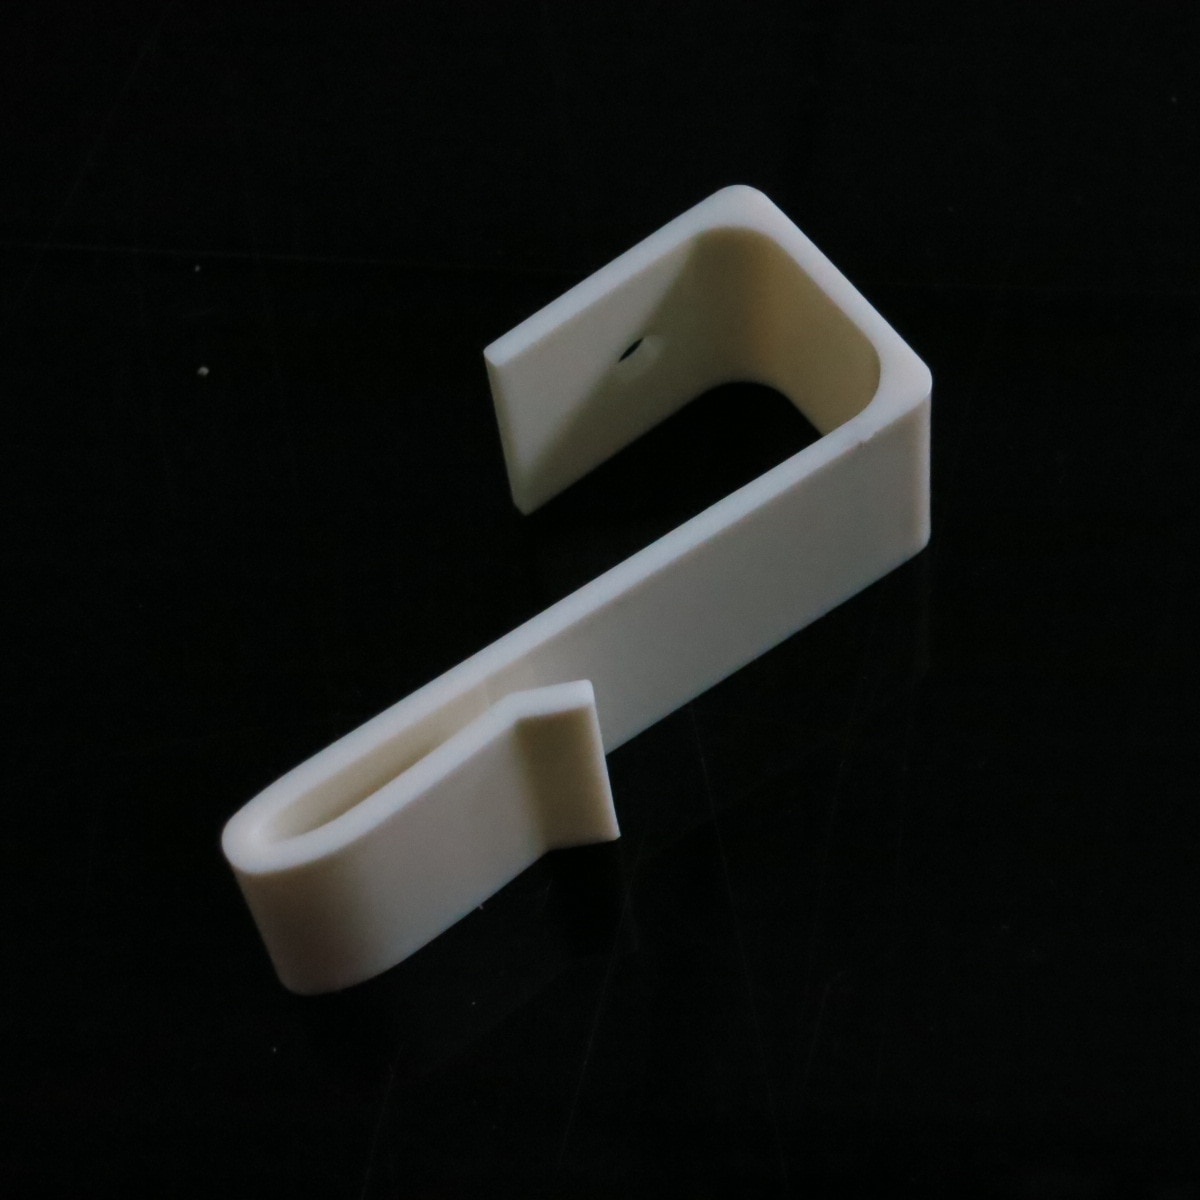 Ganchos de cartón de plástico Abs soporte publicitario conectores de sistemas tablero de papel estante MONTAJE DE Carboard sujetador abrazadera S gancho